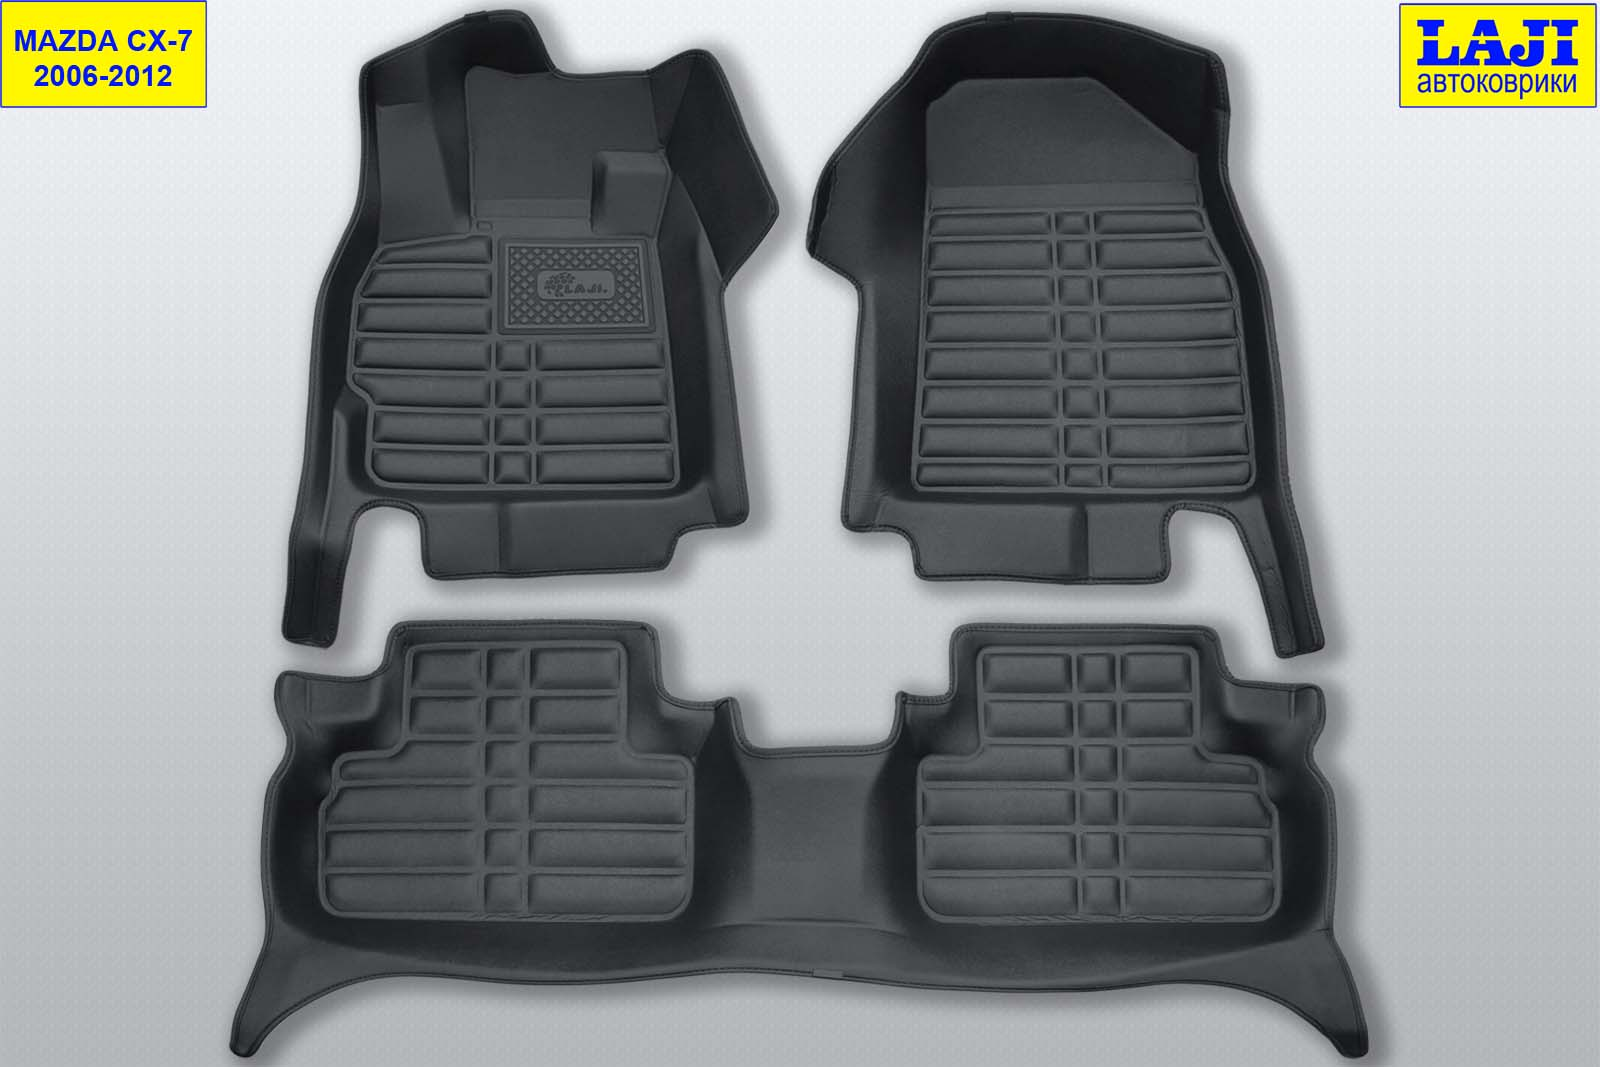 5D коврики в салон Mazda CX-7 2006-2012 1